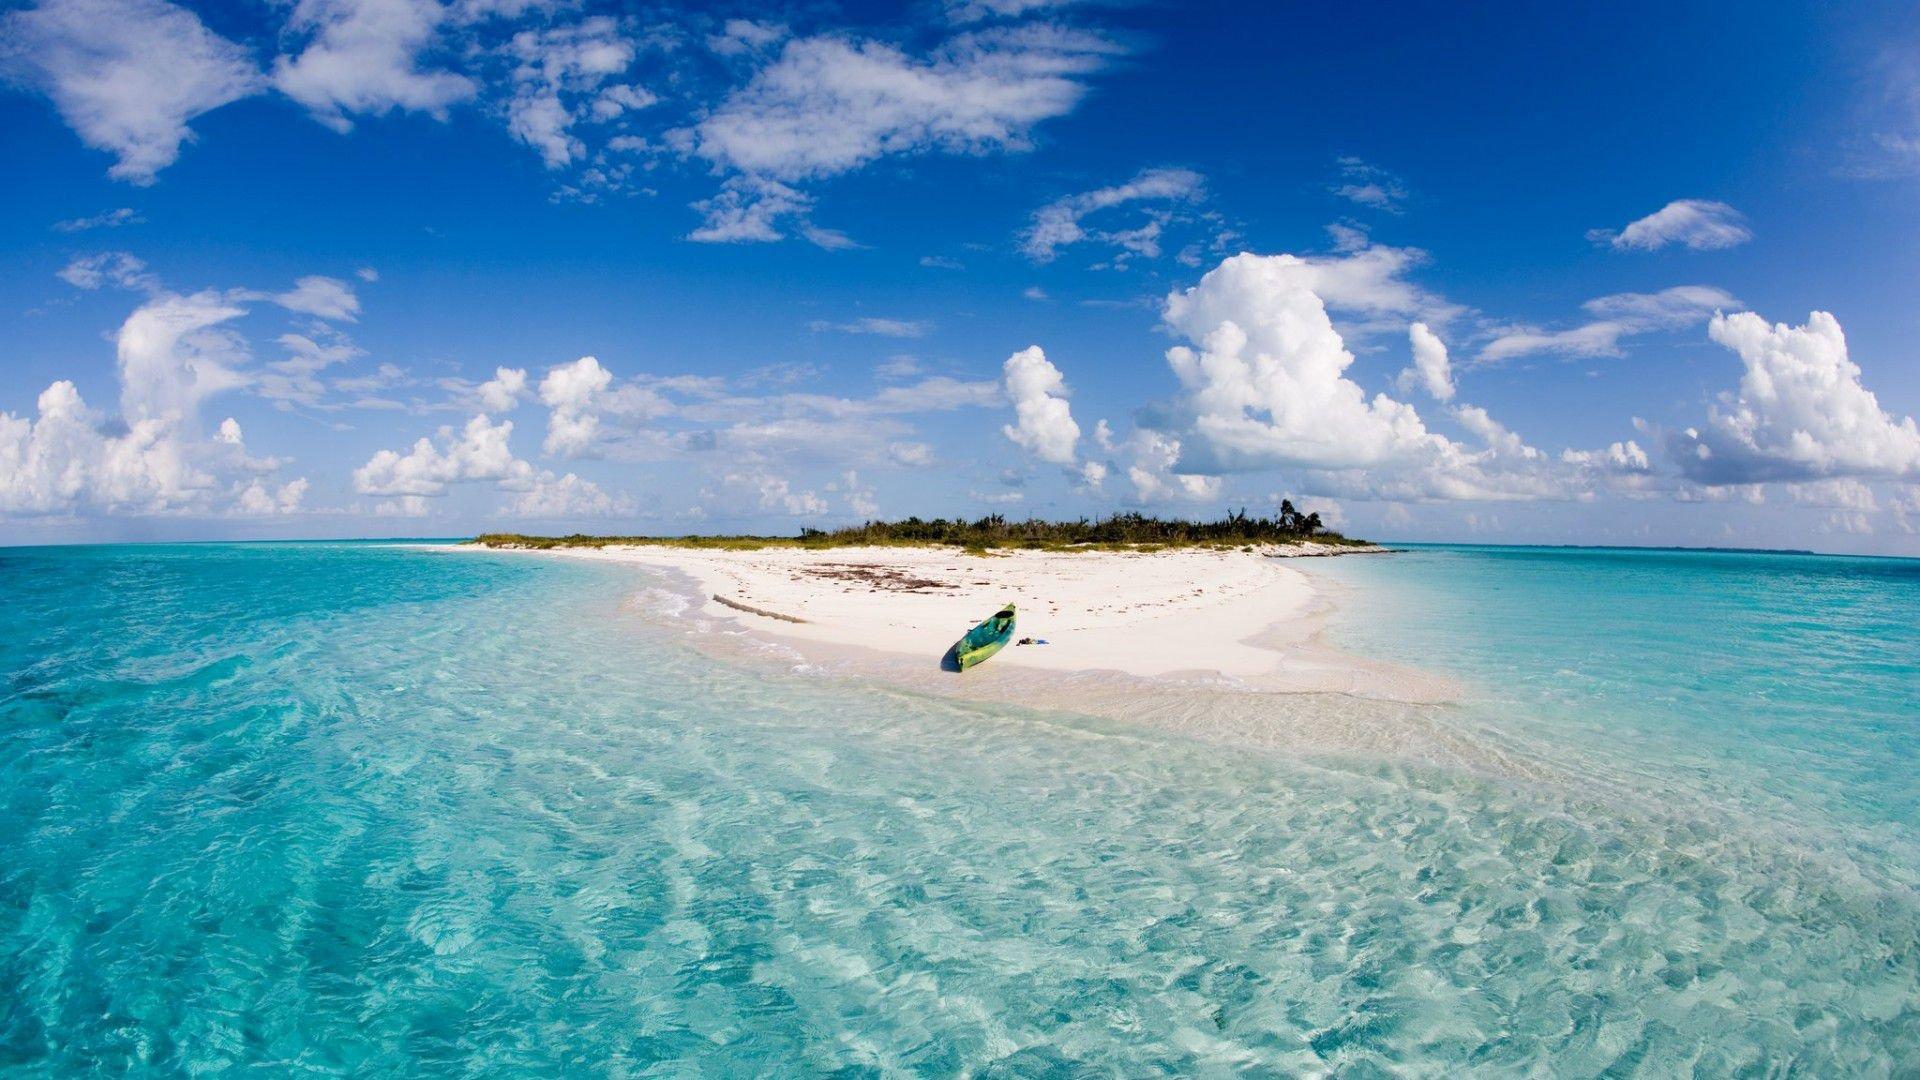 Bahamas Division